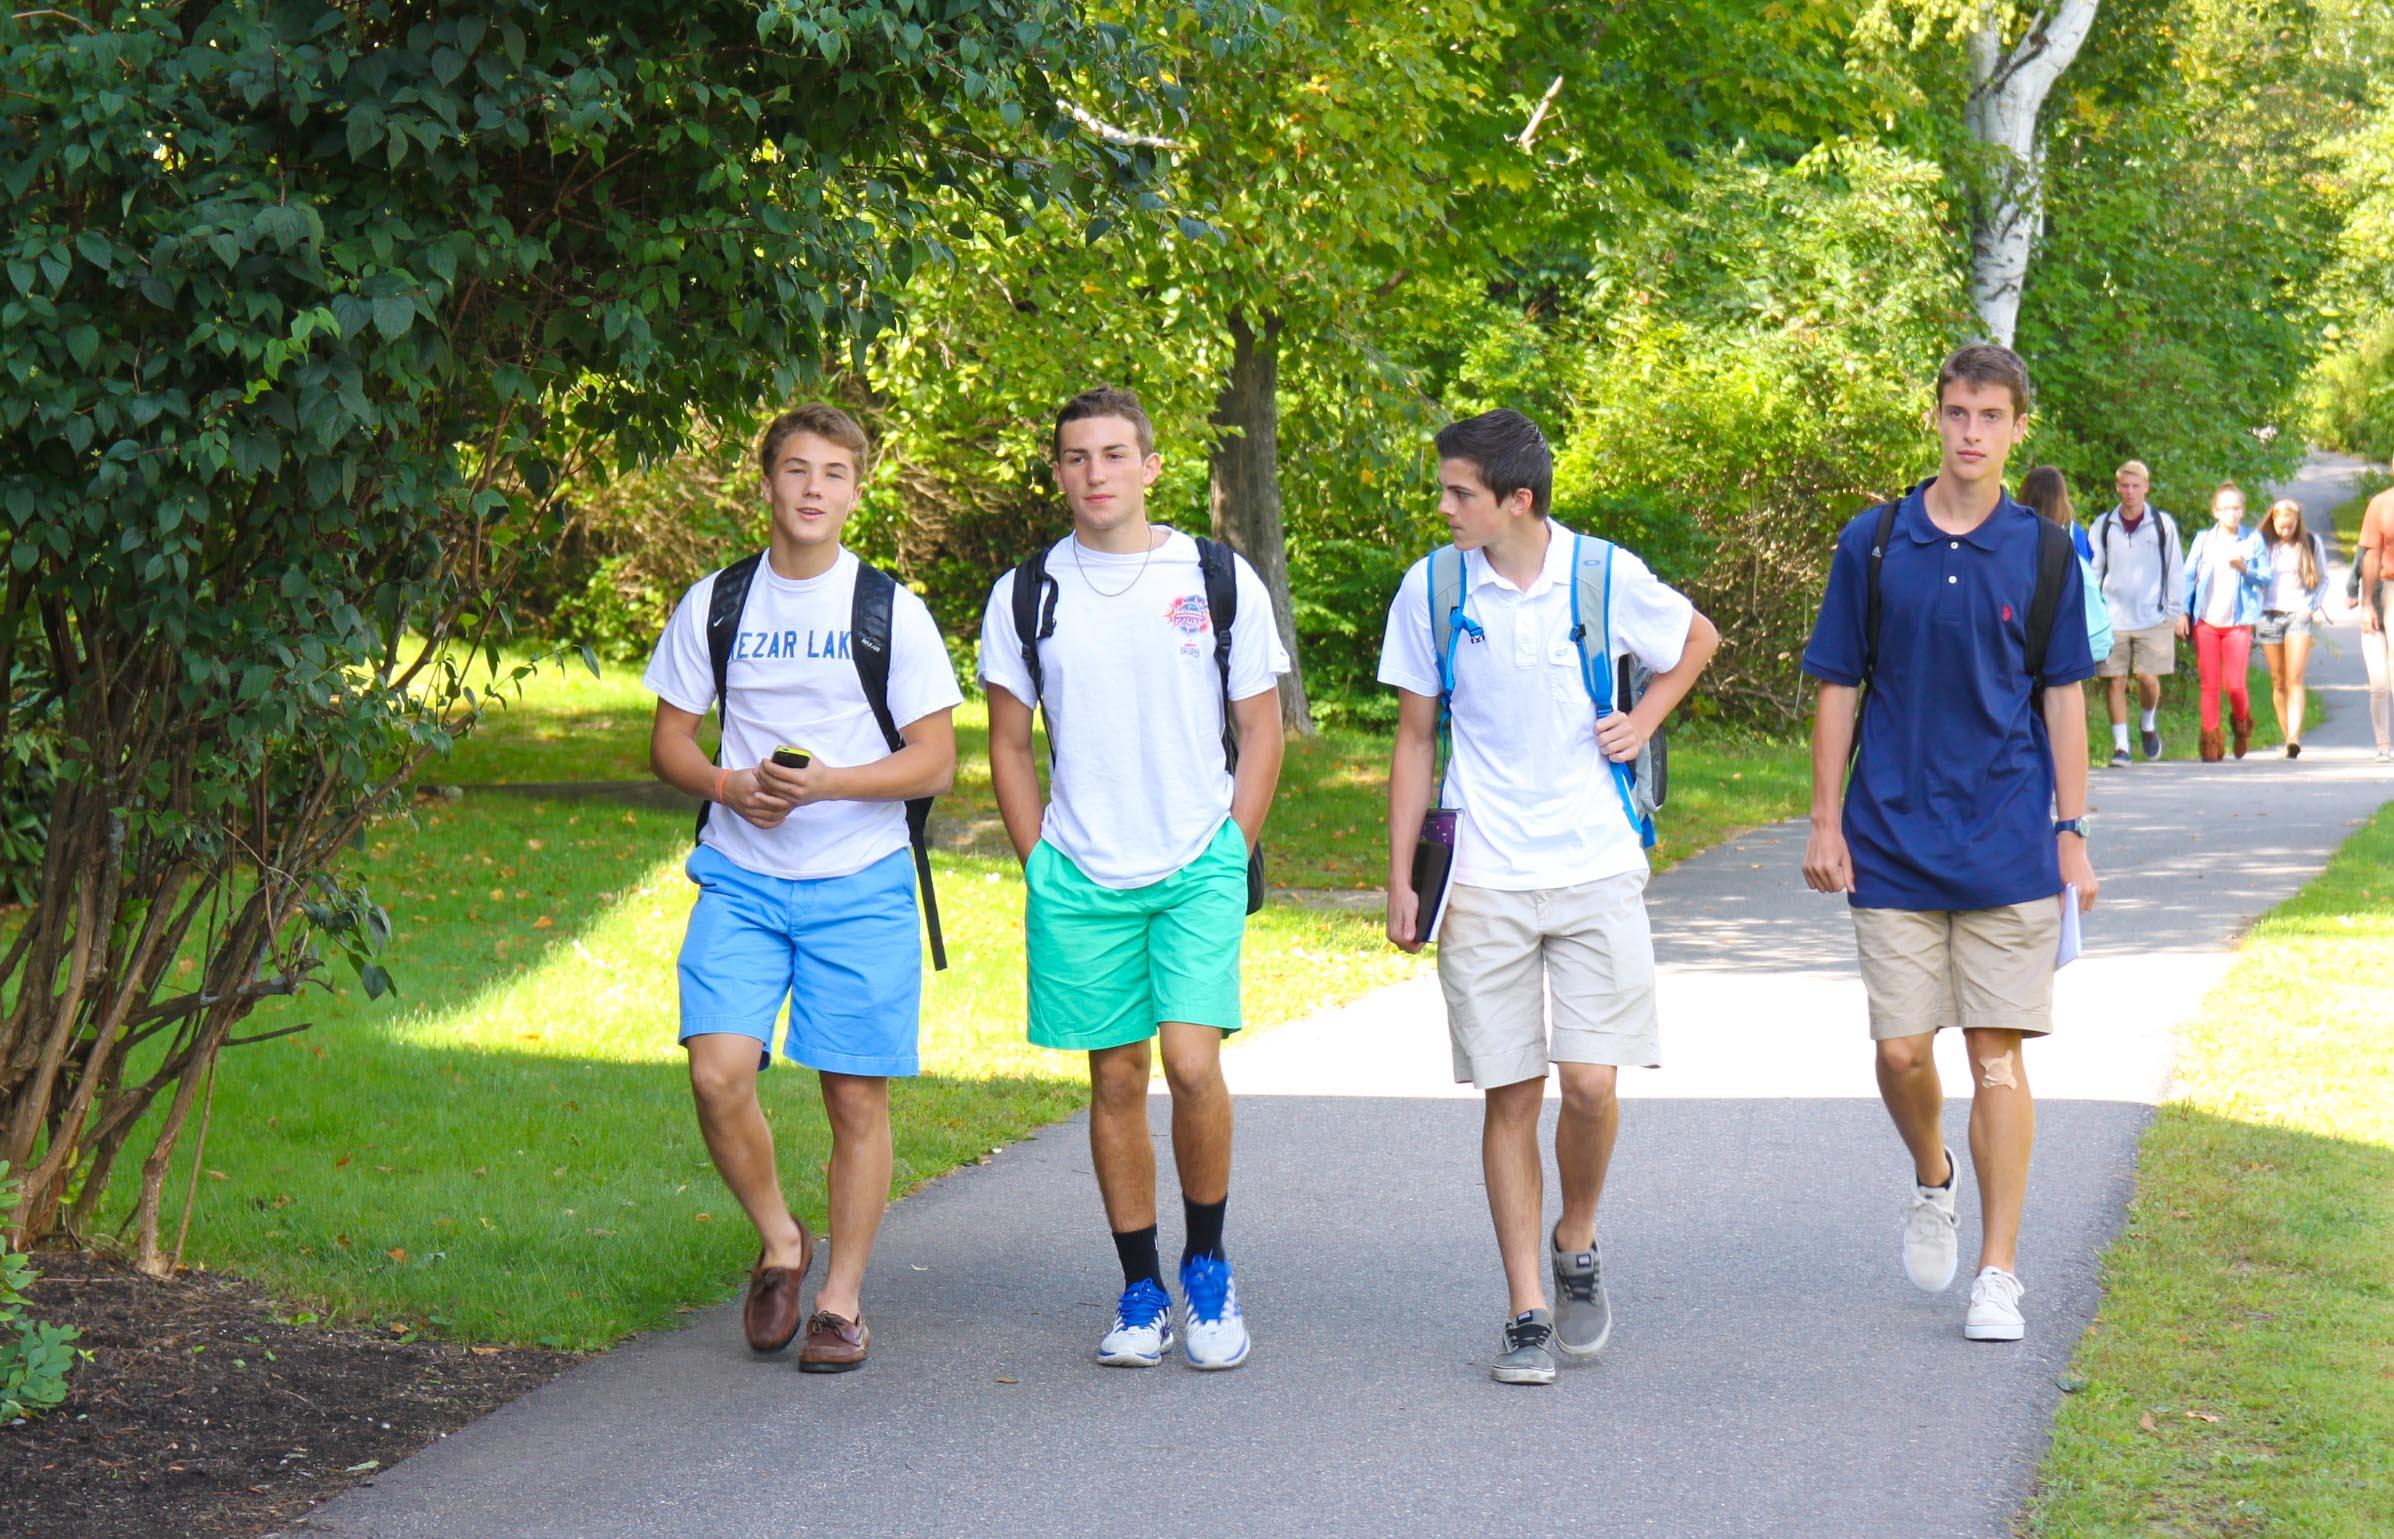 Proctor Academy in between classes